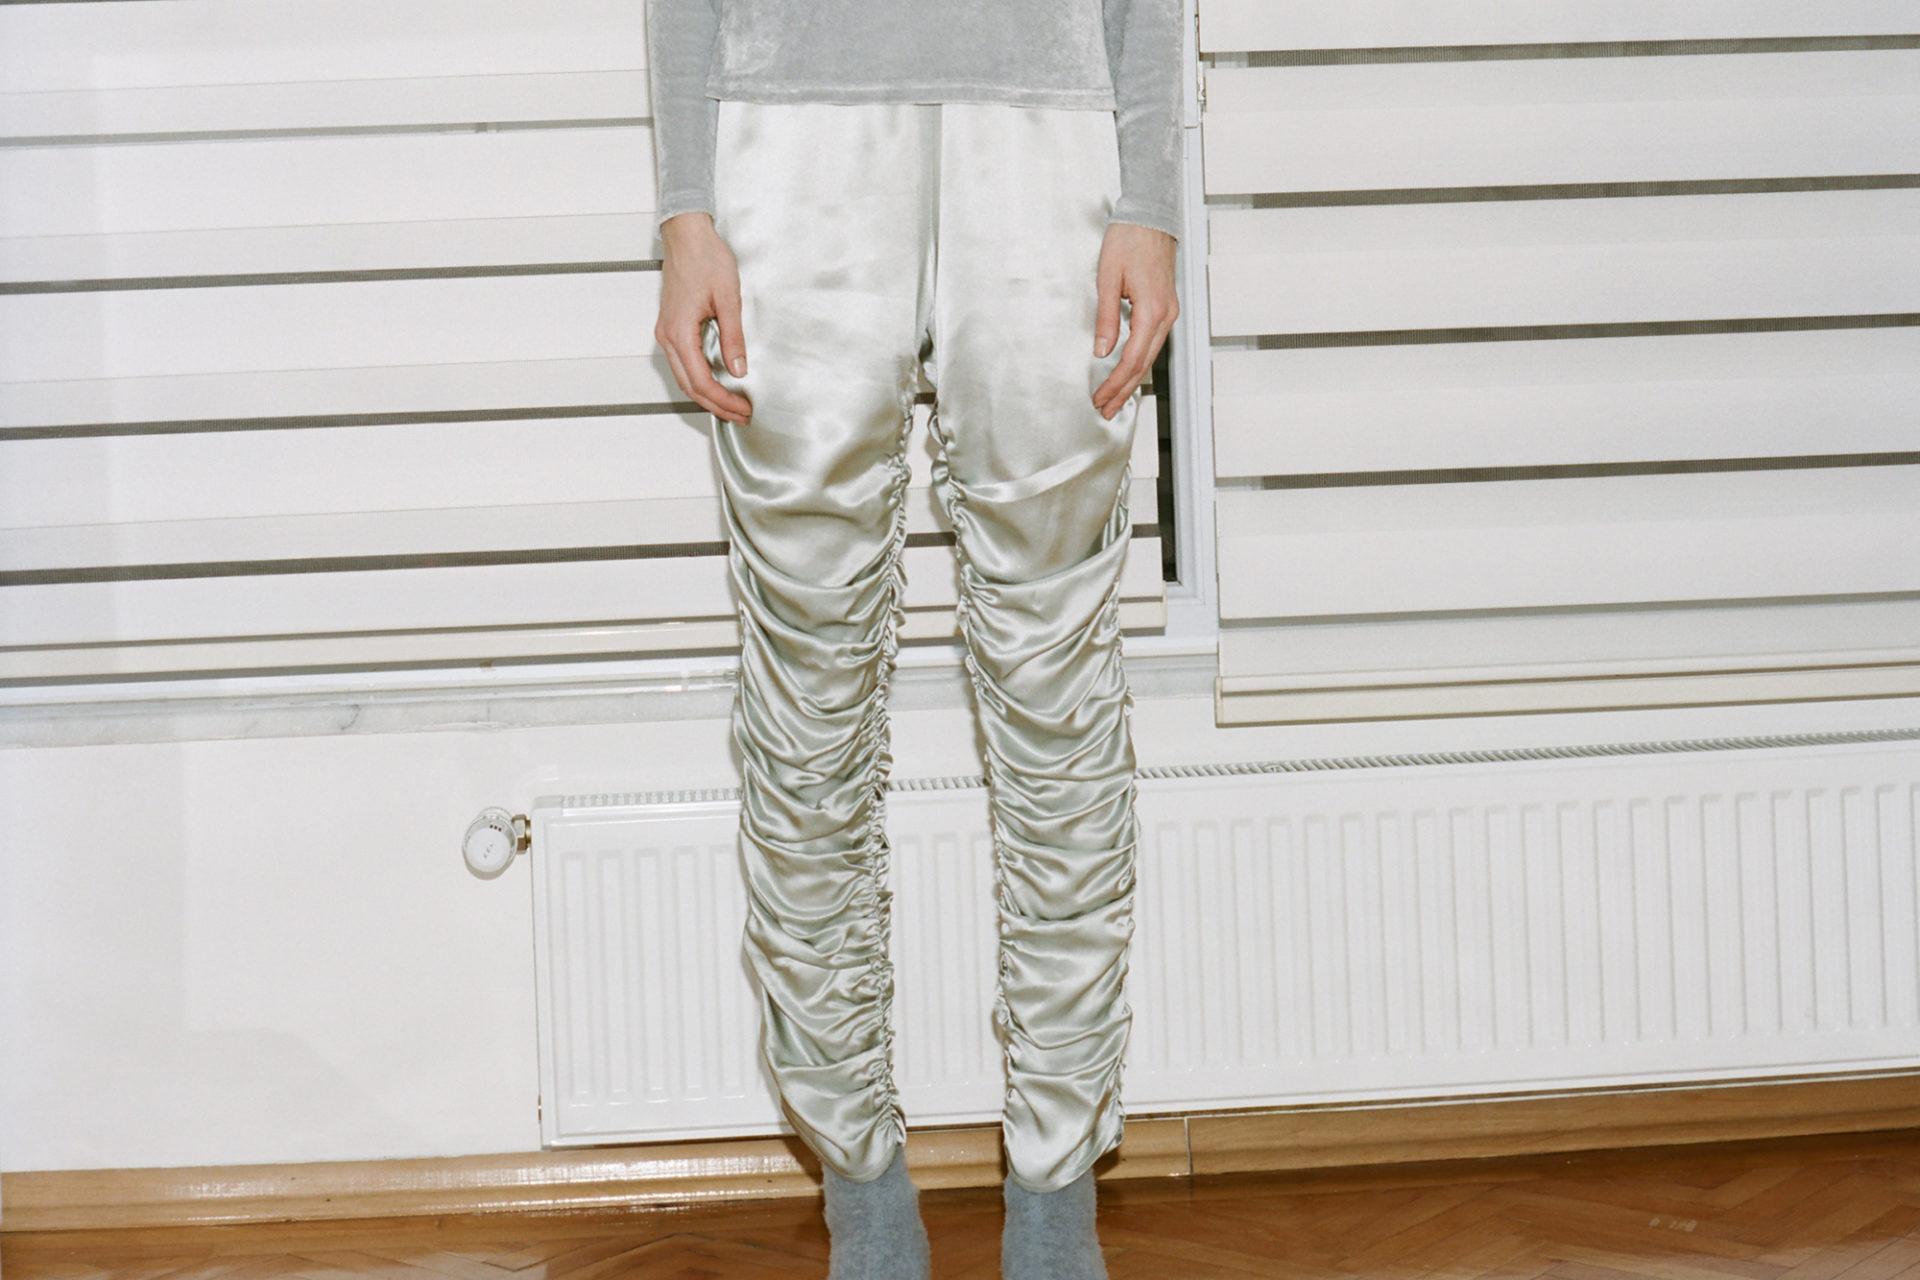 sahar-long-sleeve-tee-silver-shiny-velour-nador-pants-dusty-blue-silk-satin-aw16-13230006-1920x1280